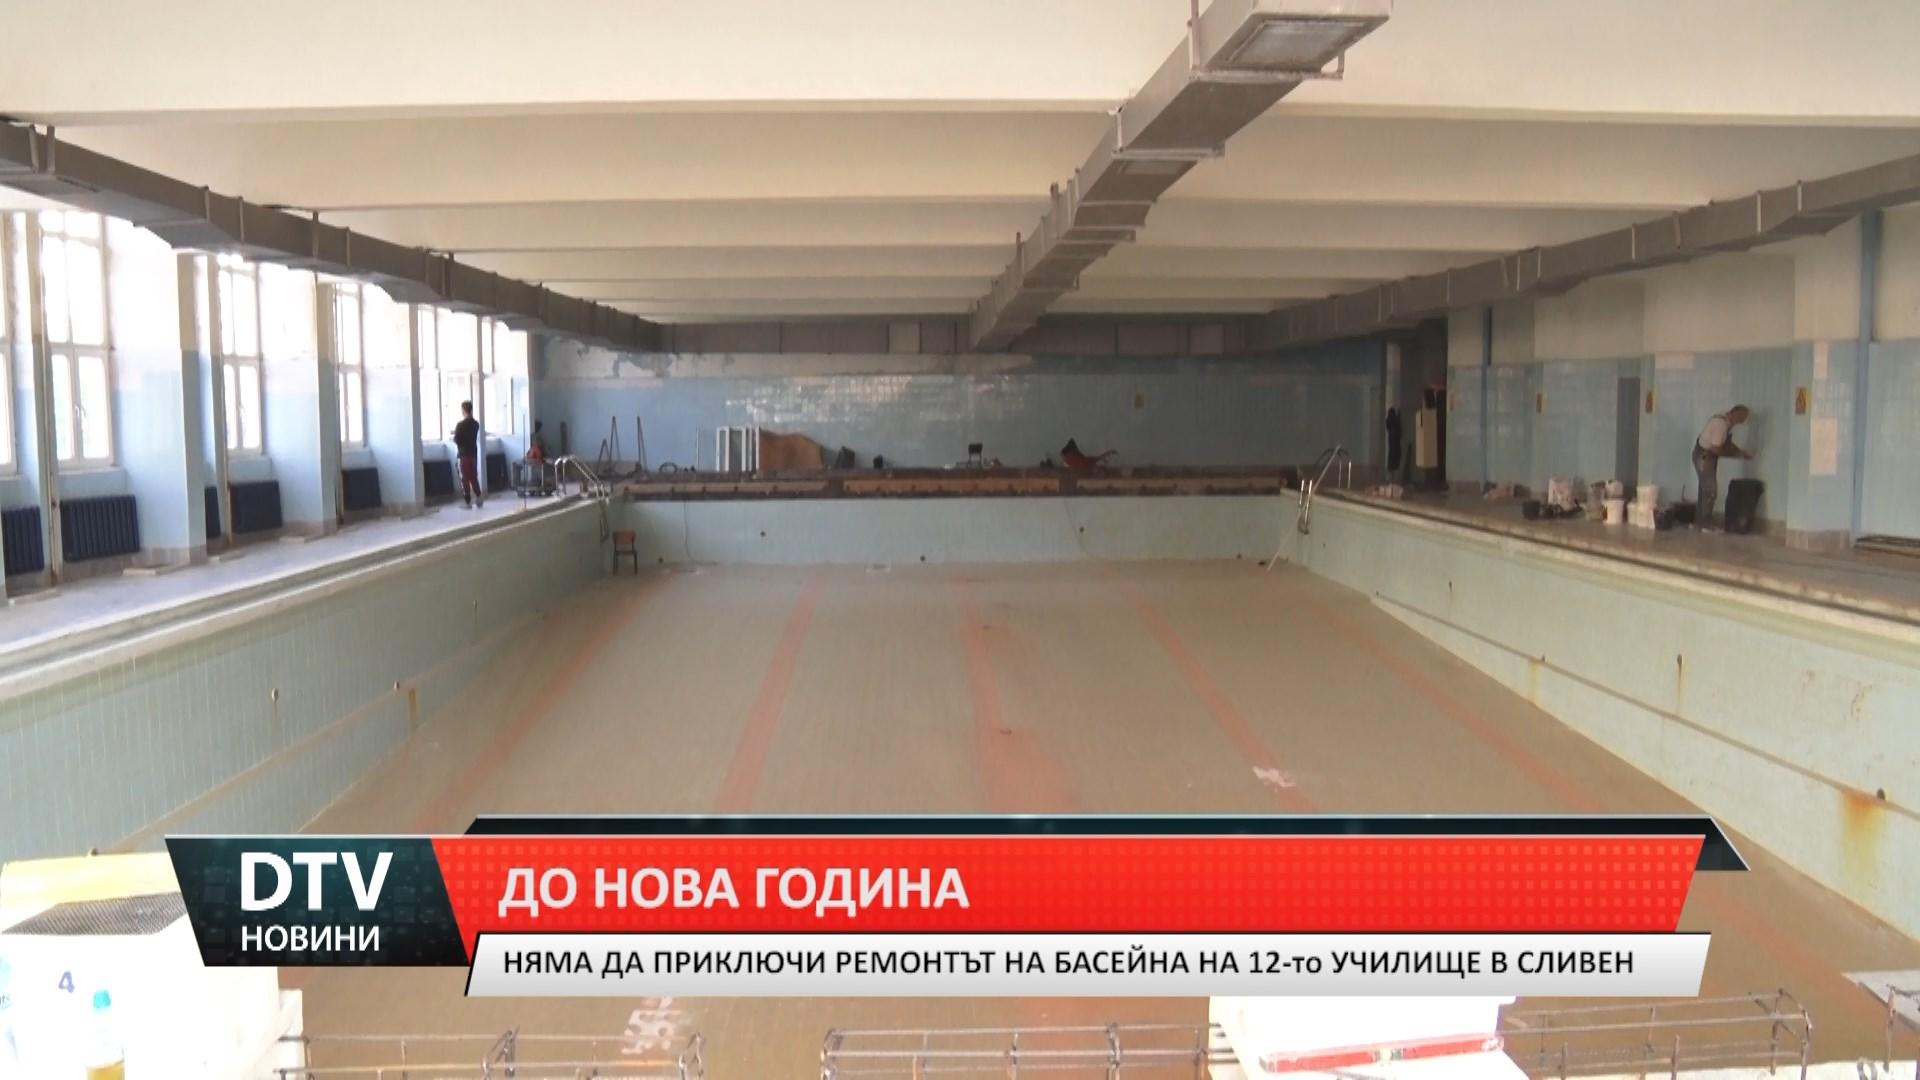 Продължава ремонт на училищен басейн в Сливен